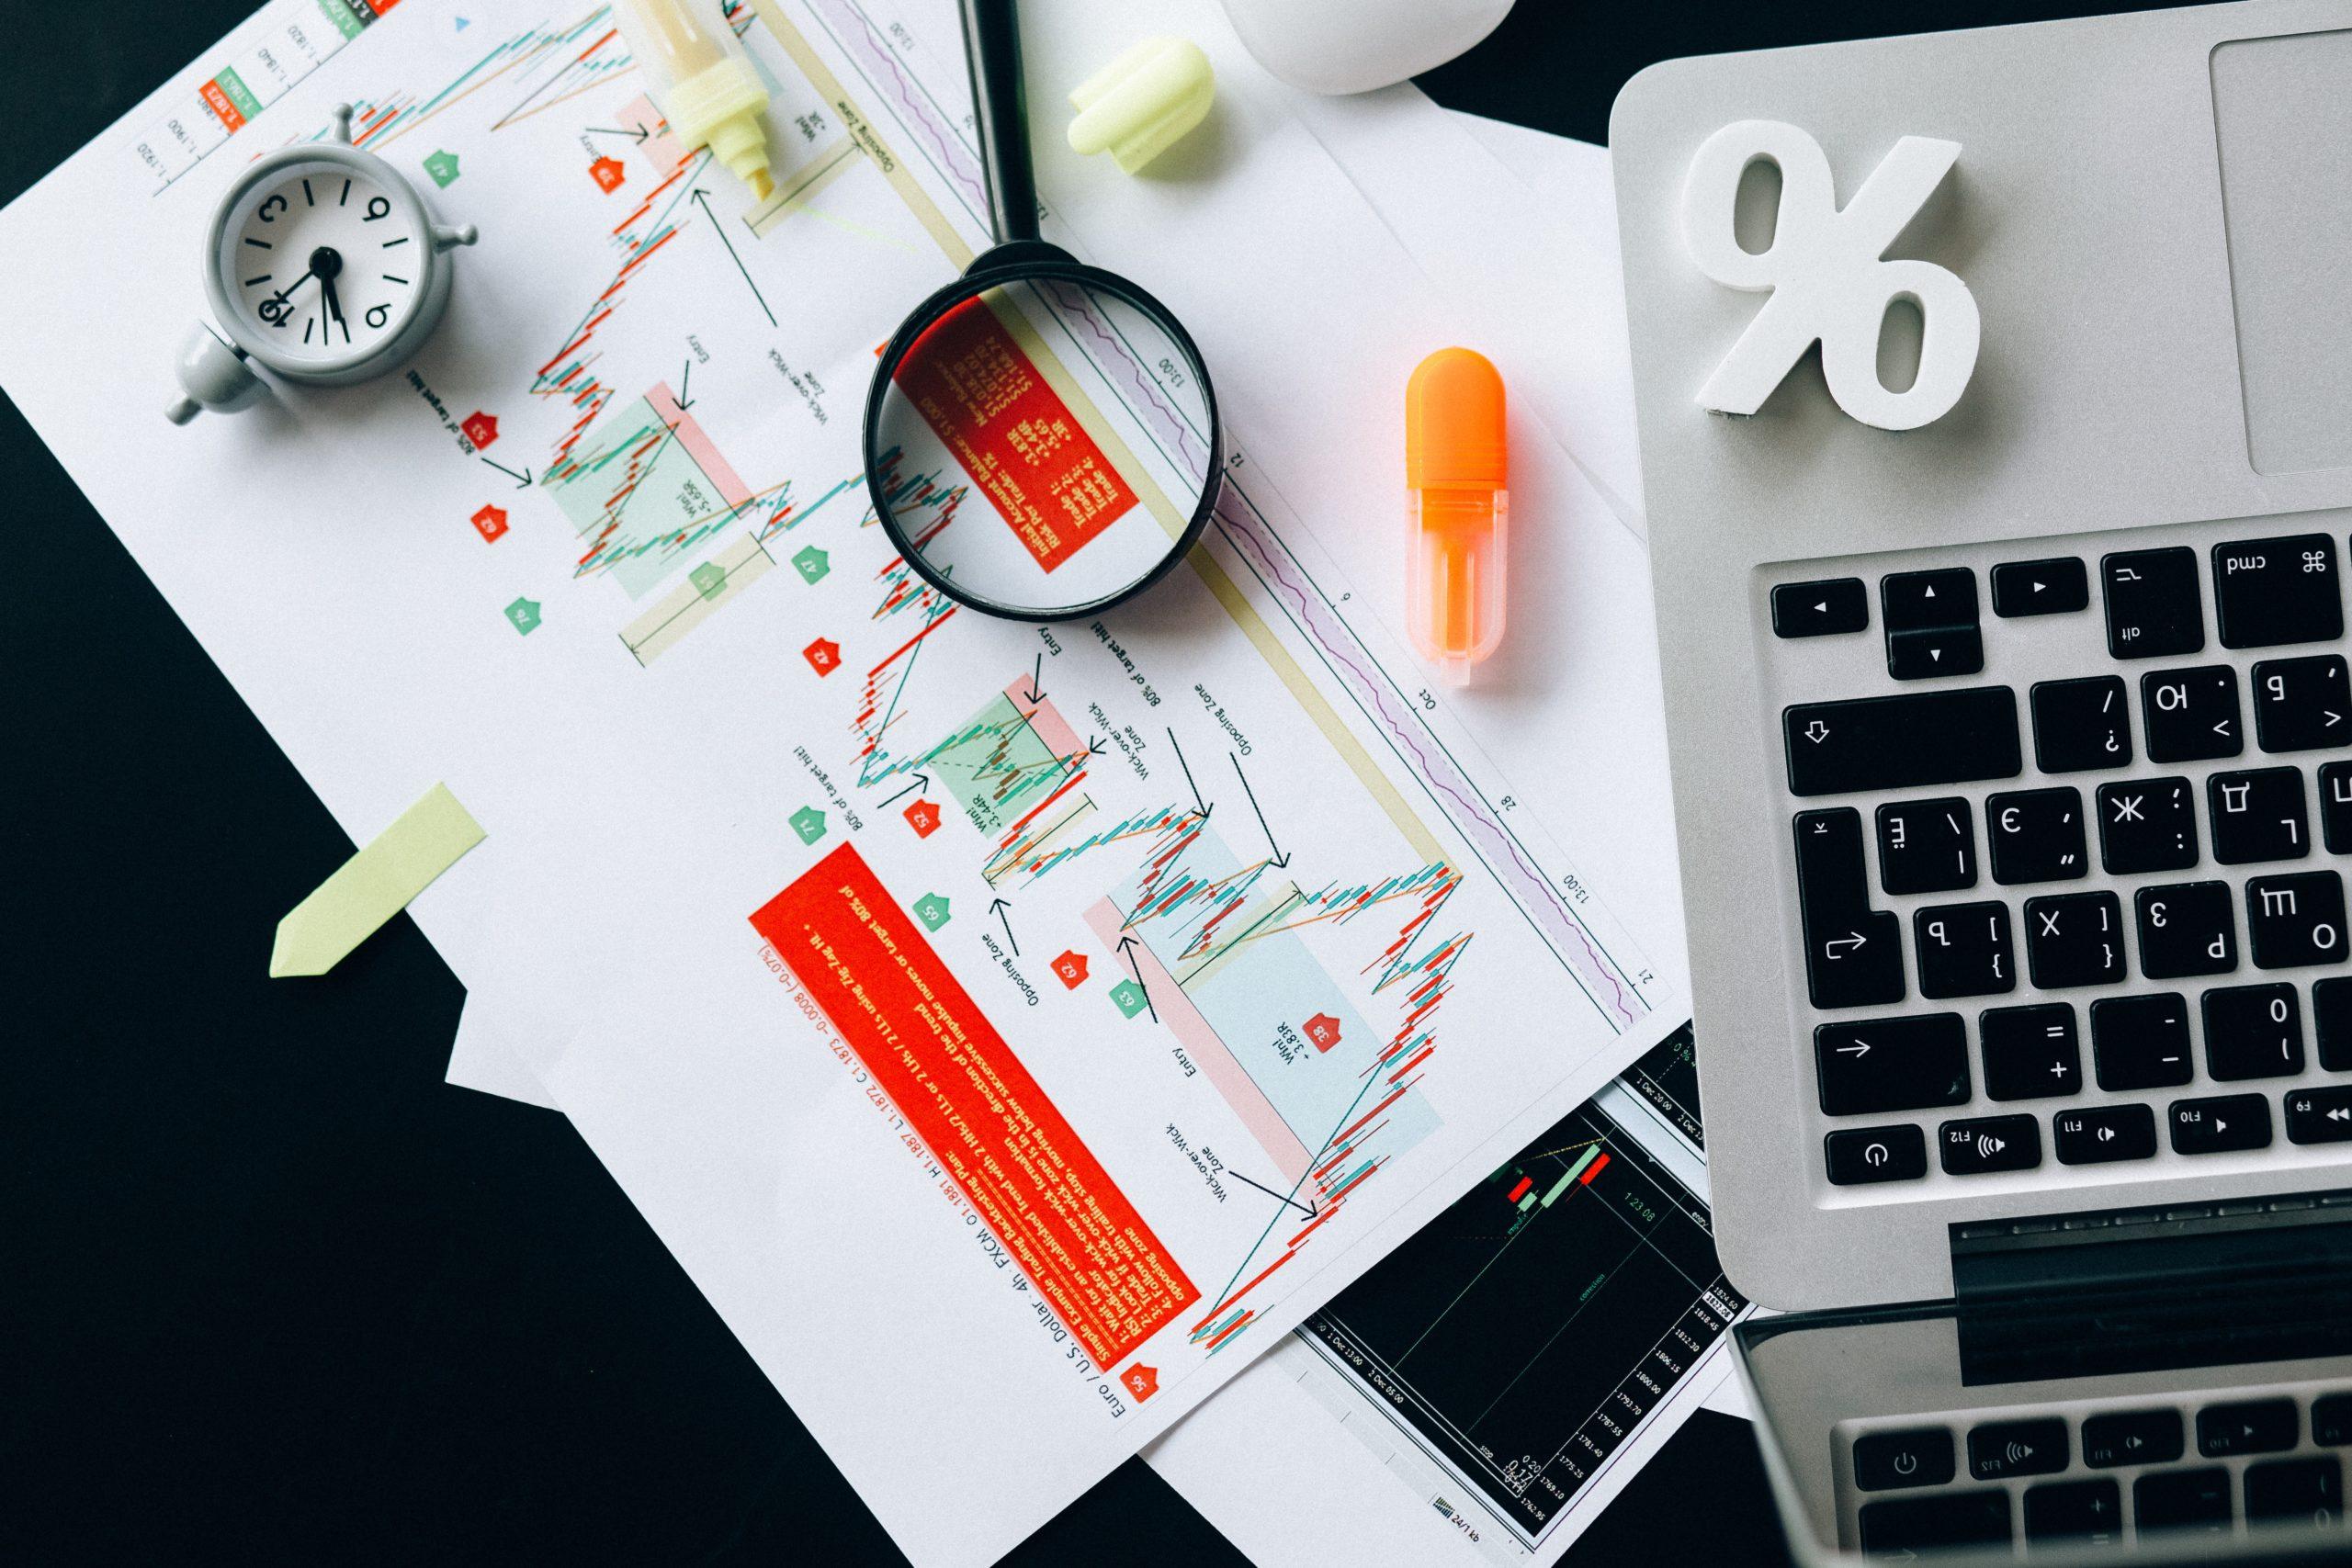 Maxim Gorin spiega come la giusta strategia di marketing può aiutare il tuo business ad avere successo